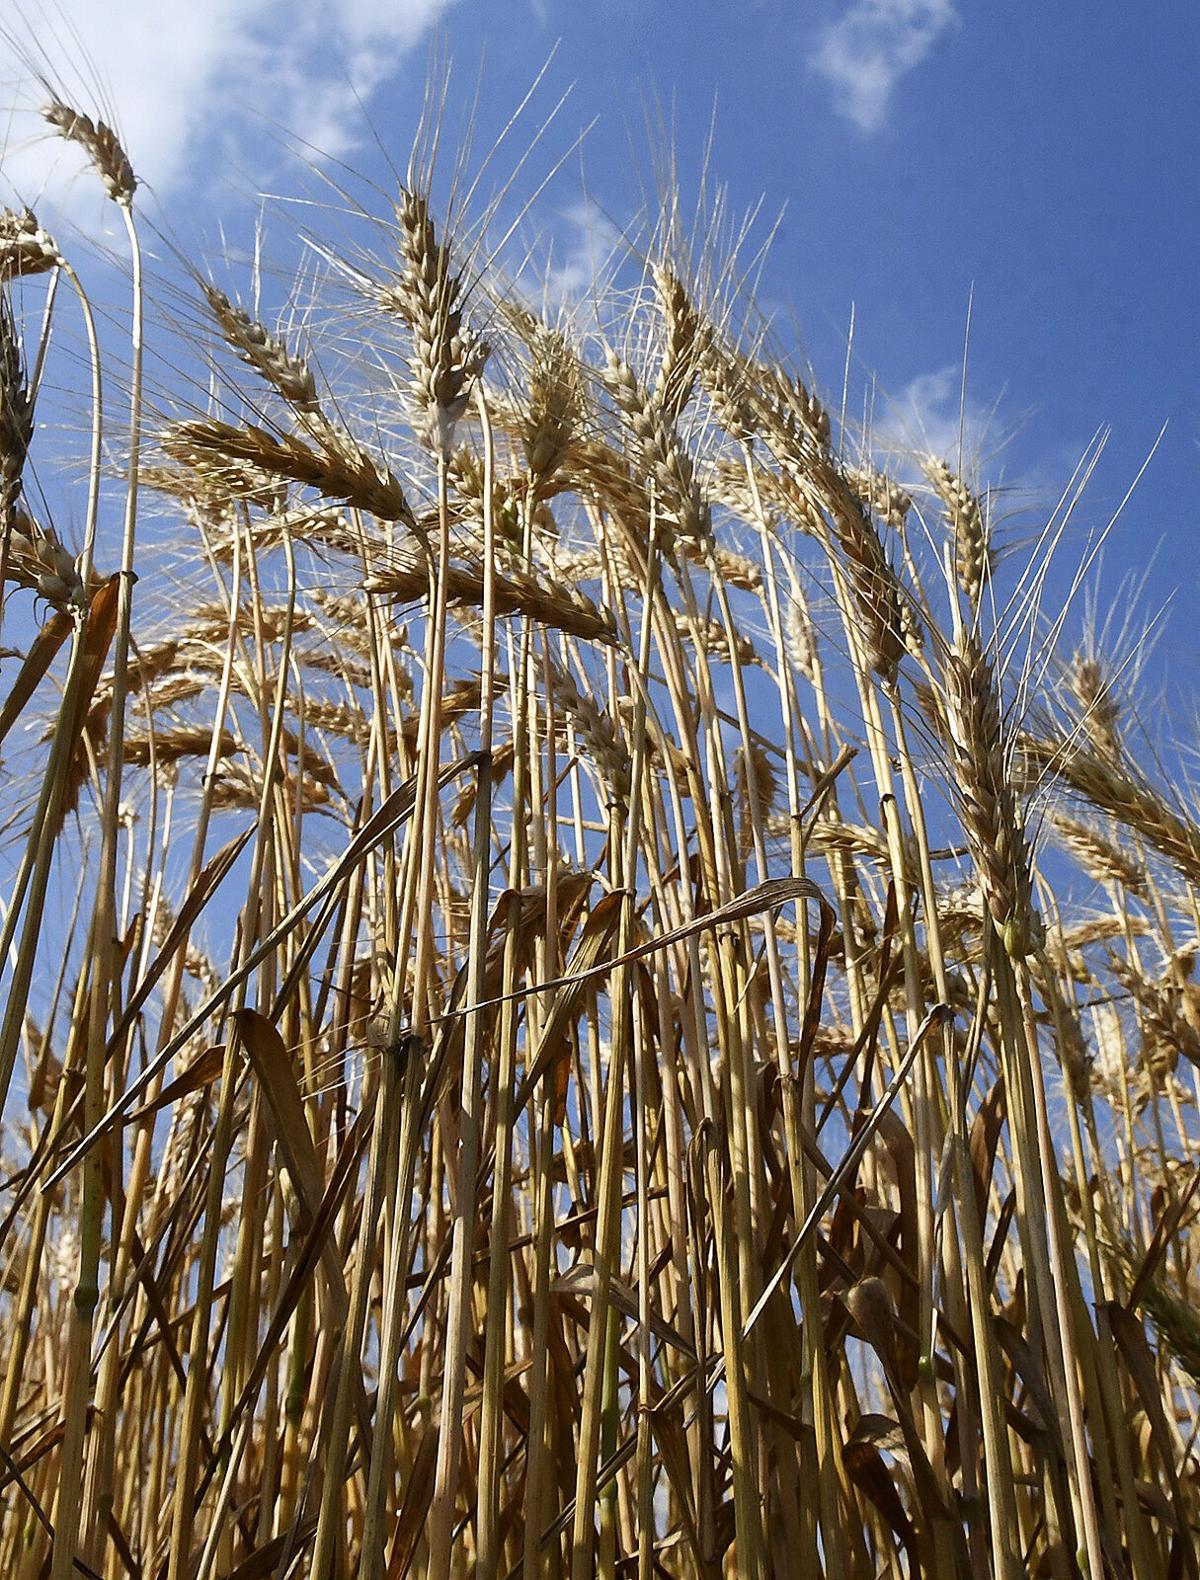 210611-news-wheat 2 BH.jpg